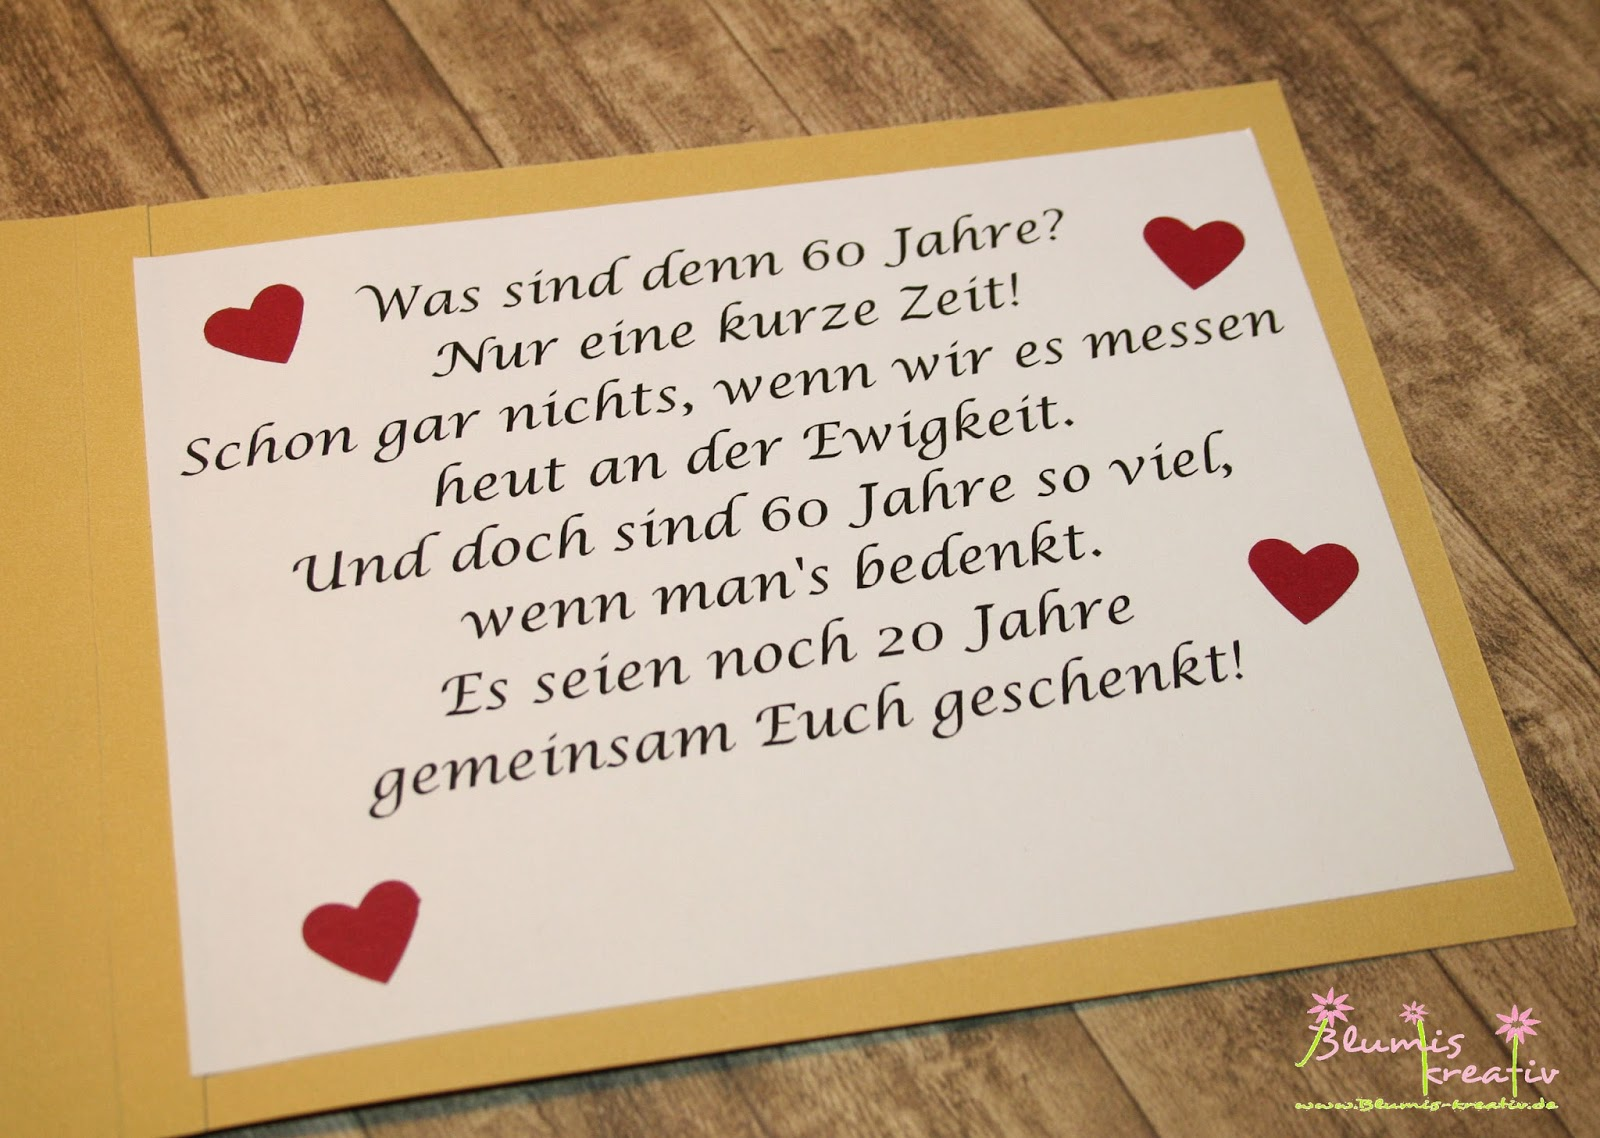 Gedichte Spruche Zur Hochzeit Gratis Sprafache Zur Hochzeit